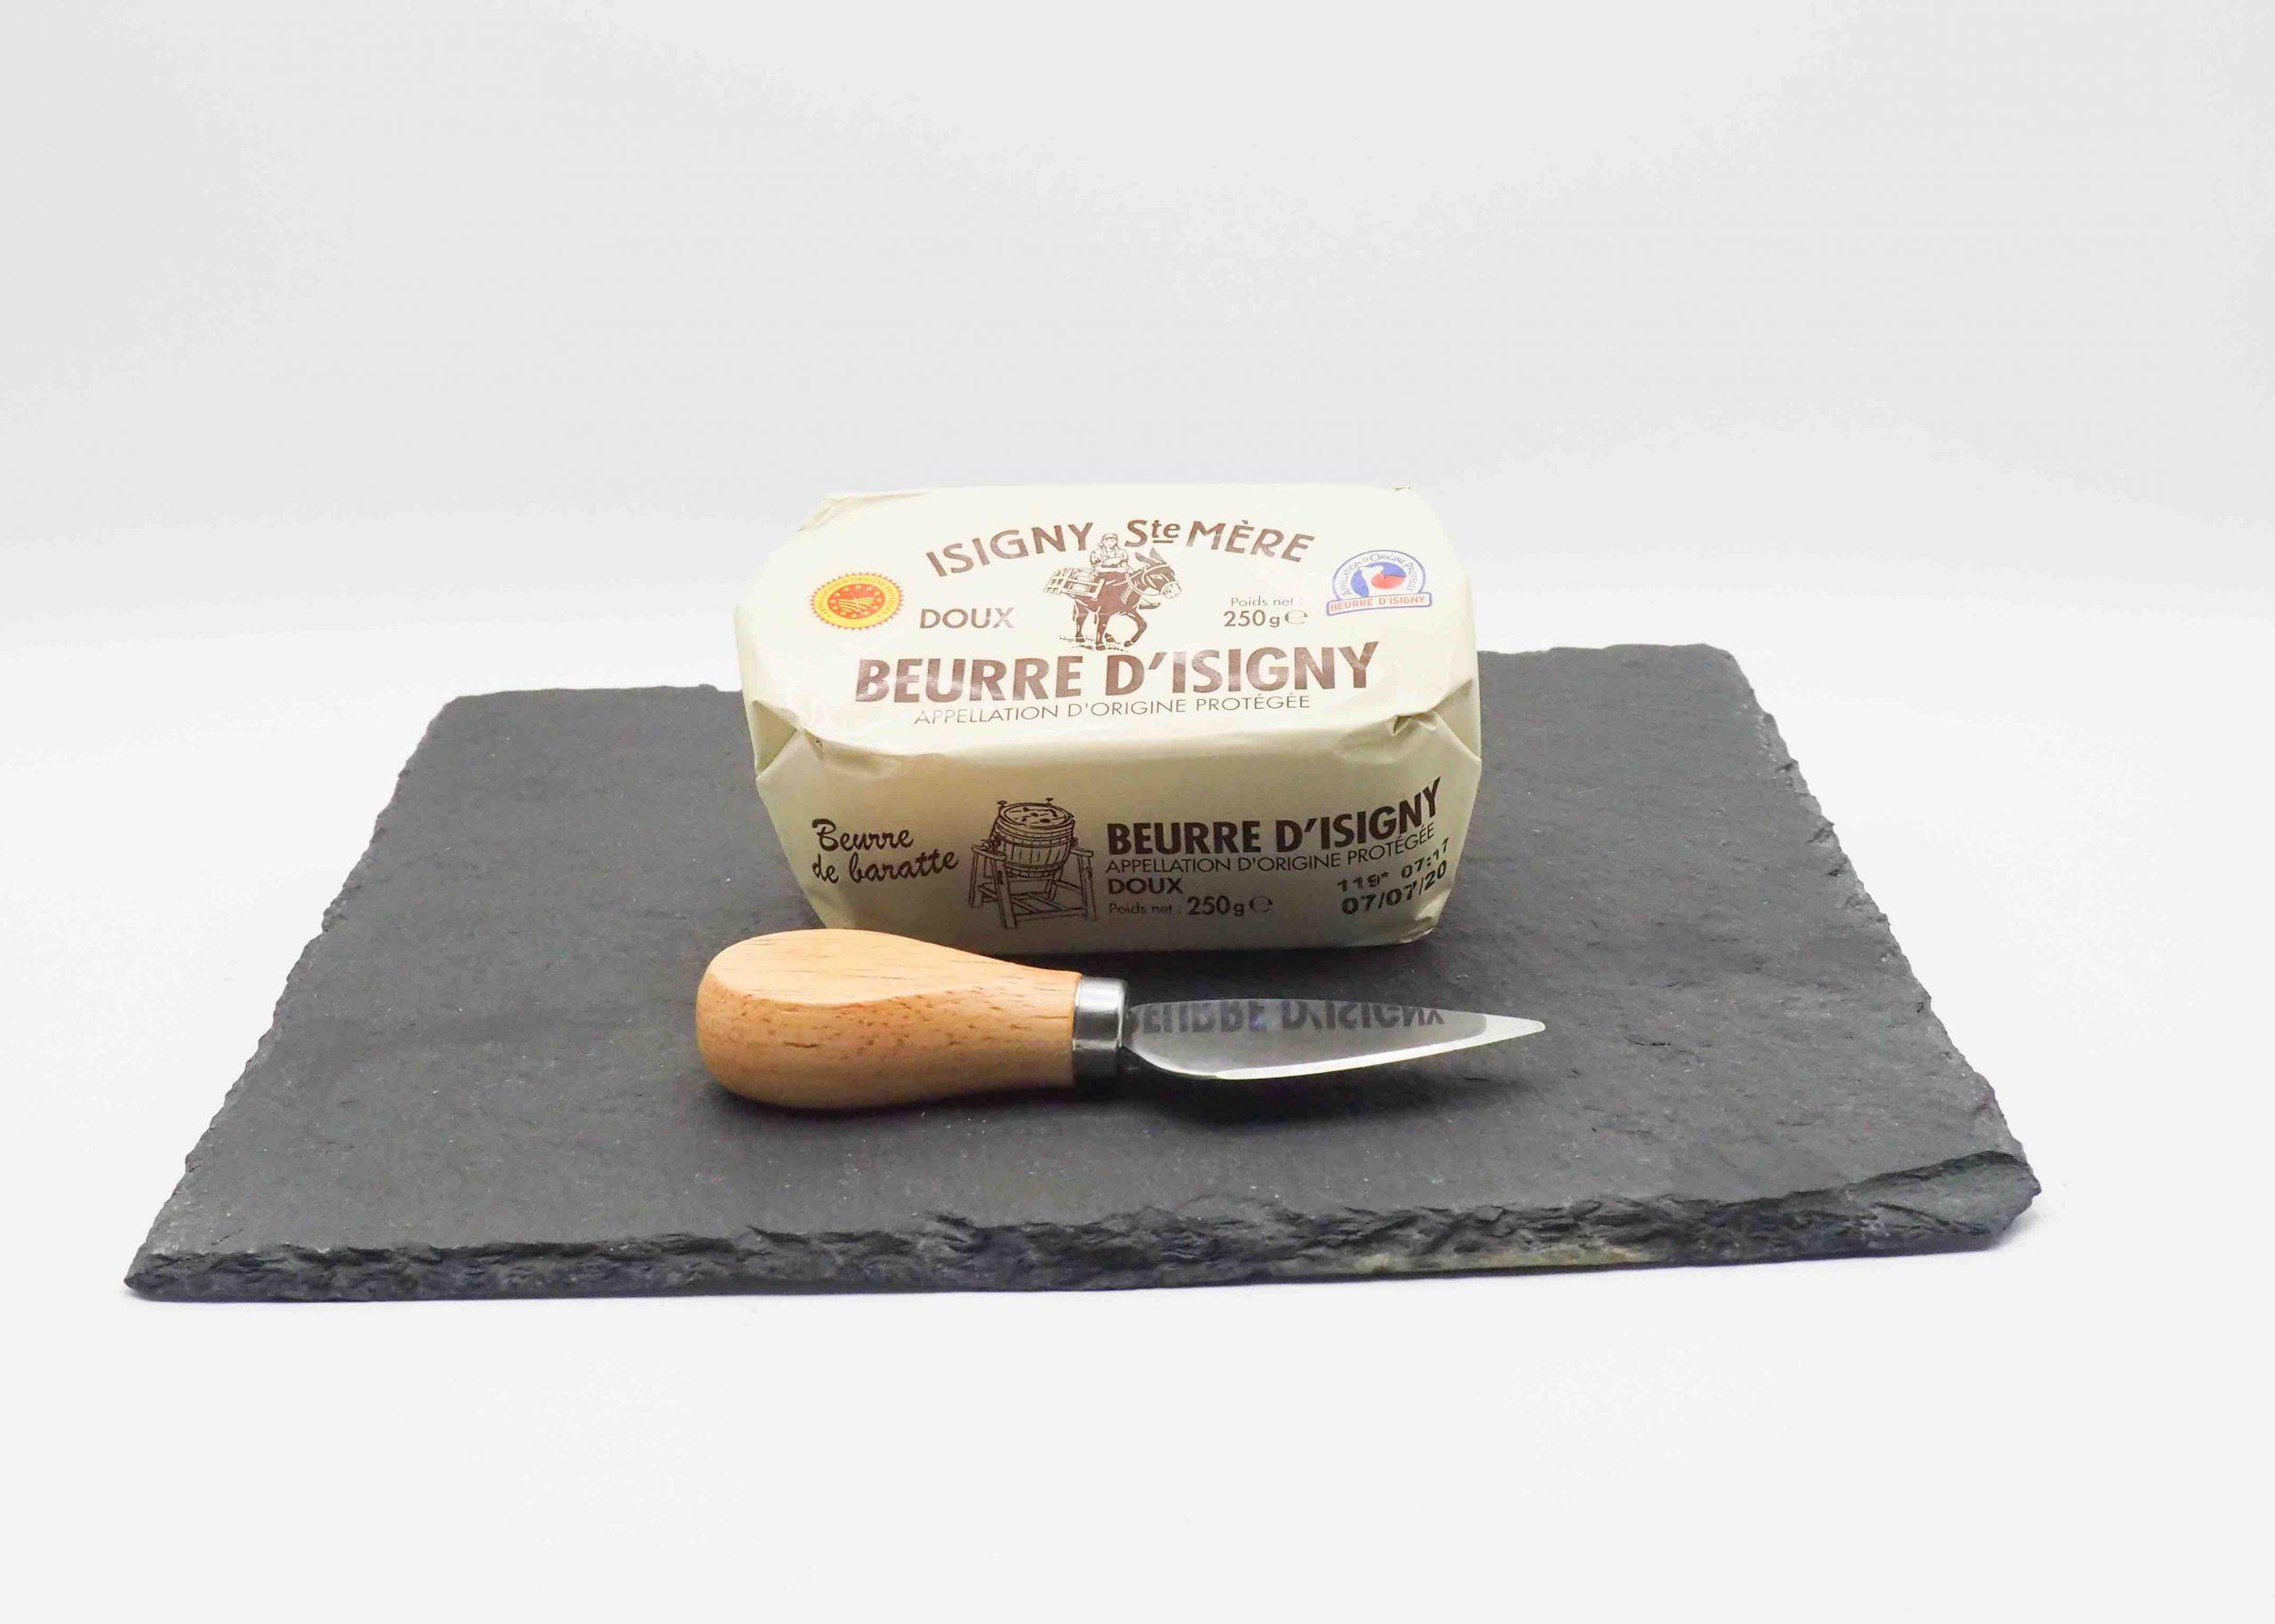 Vente de beurre de normandie en ligne par Fromage Napoléon